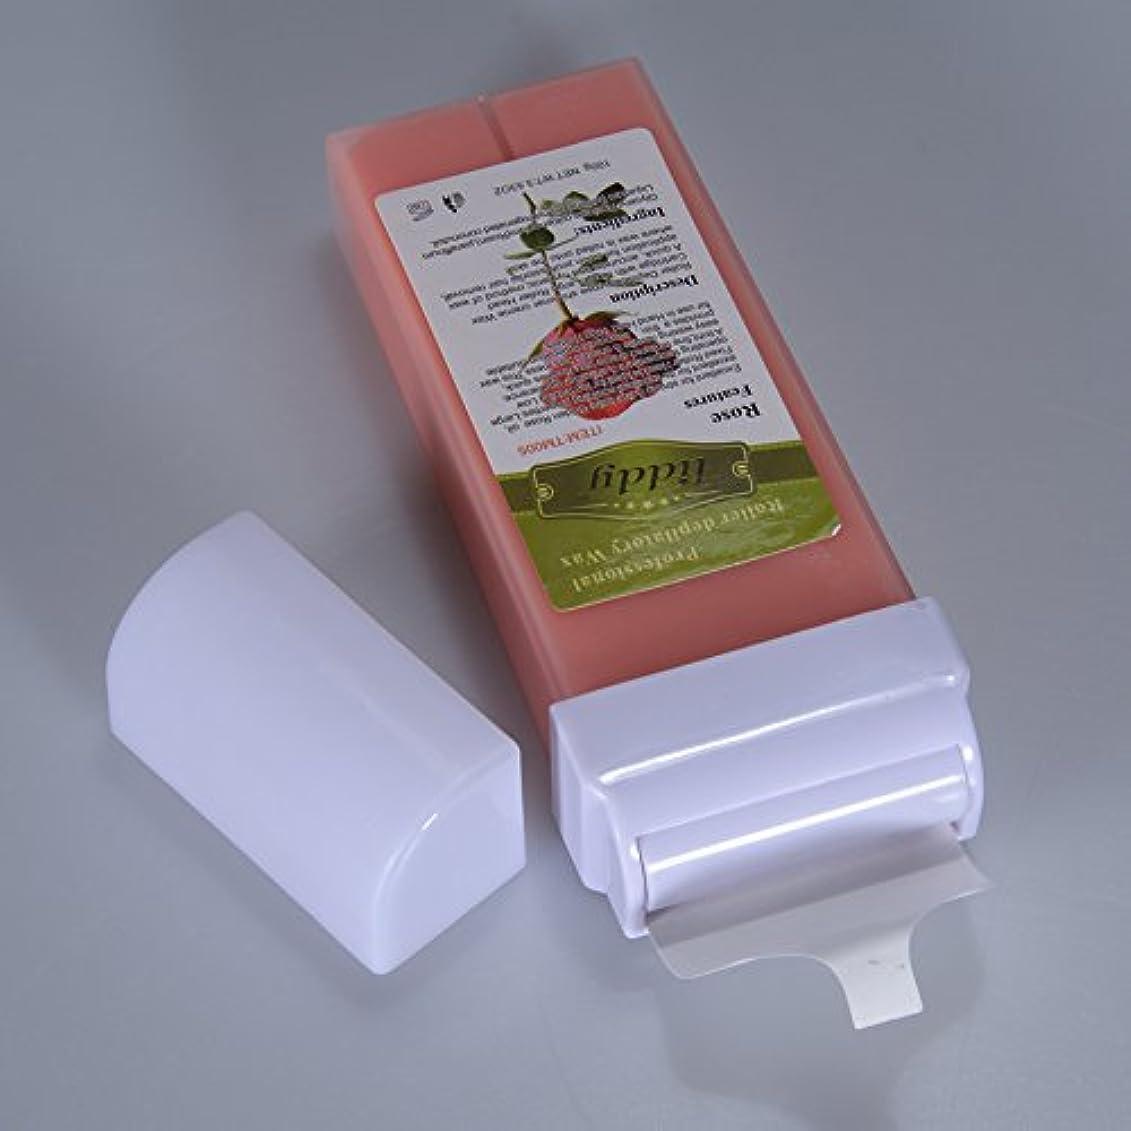 篭却下するシダRabugoo 脱毛プロフェッショナル使用水溶性脱毛砂糖ワックスカートリッジワックスグッドスメル - 100g / 3.53oz 100g rose